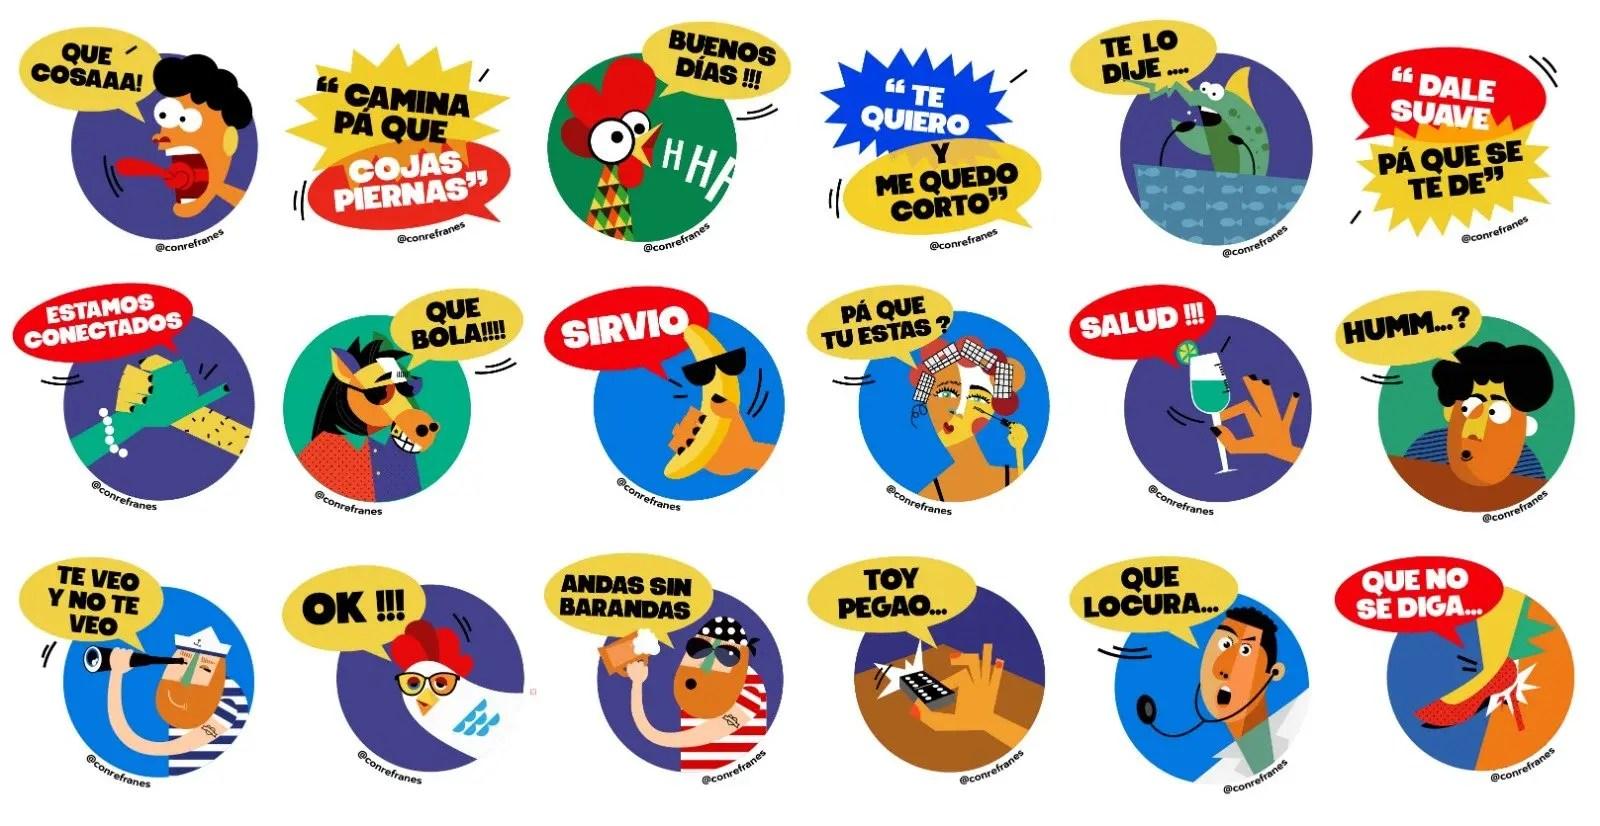 stickers cubanos para whatsapp con refranes